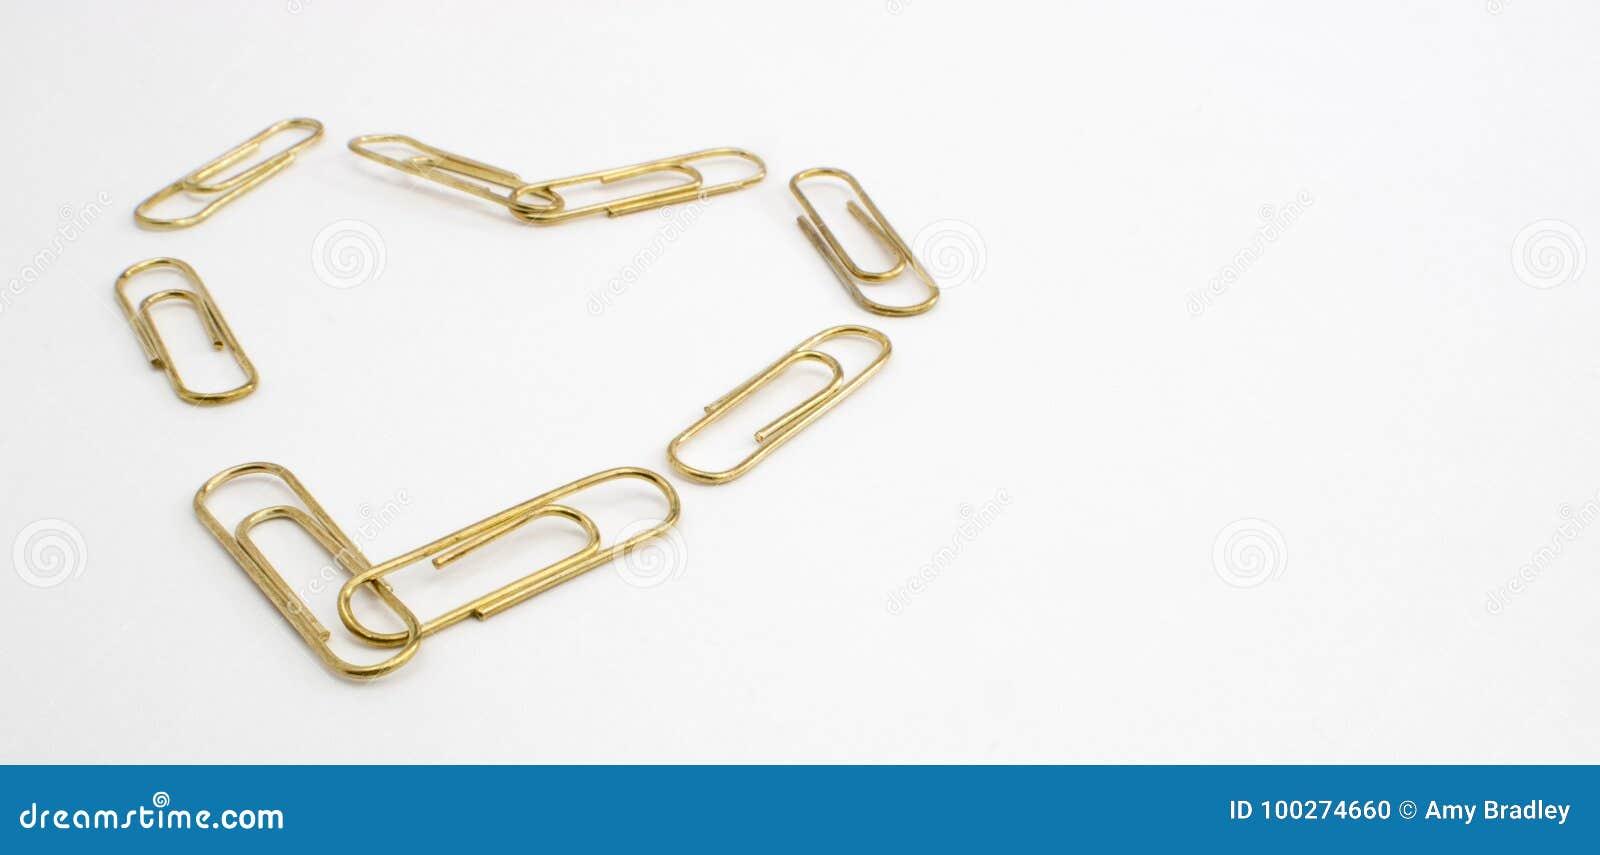 Goldburoklammer Herz Stockfoto Bild Von Gelb Metall 100274660